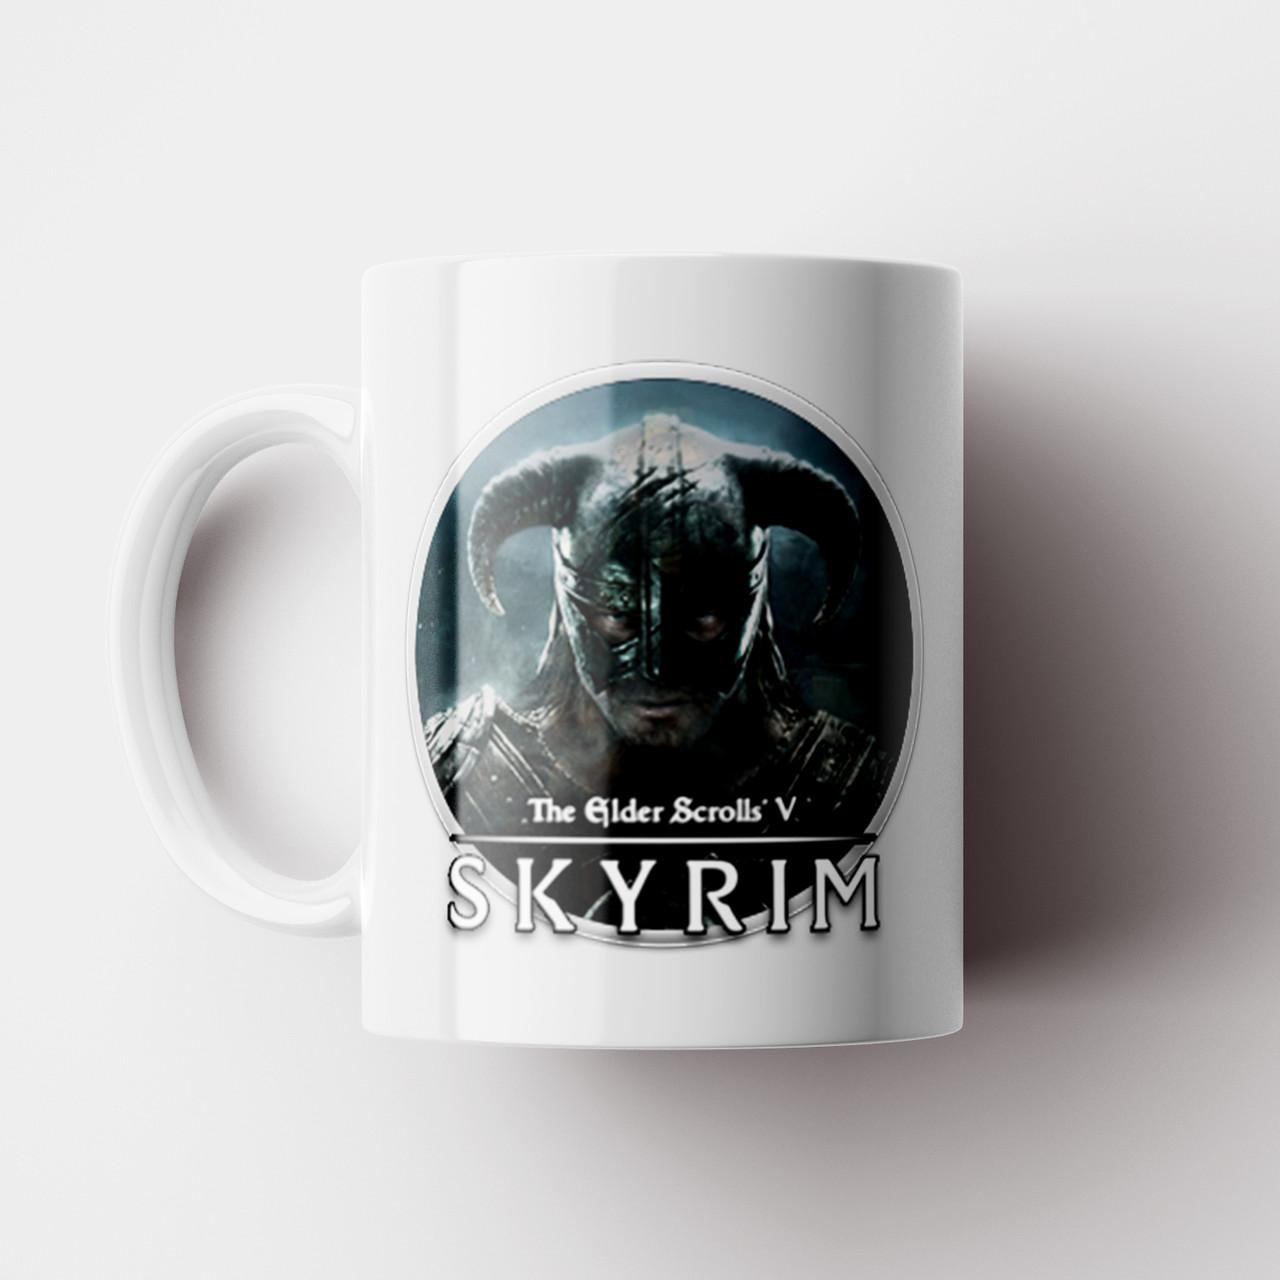 Чашка с принтом Skyrim. The Elder Scrolls V: Skyrim. Кружка с принтом Скайрим